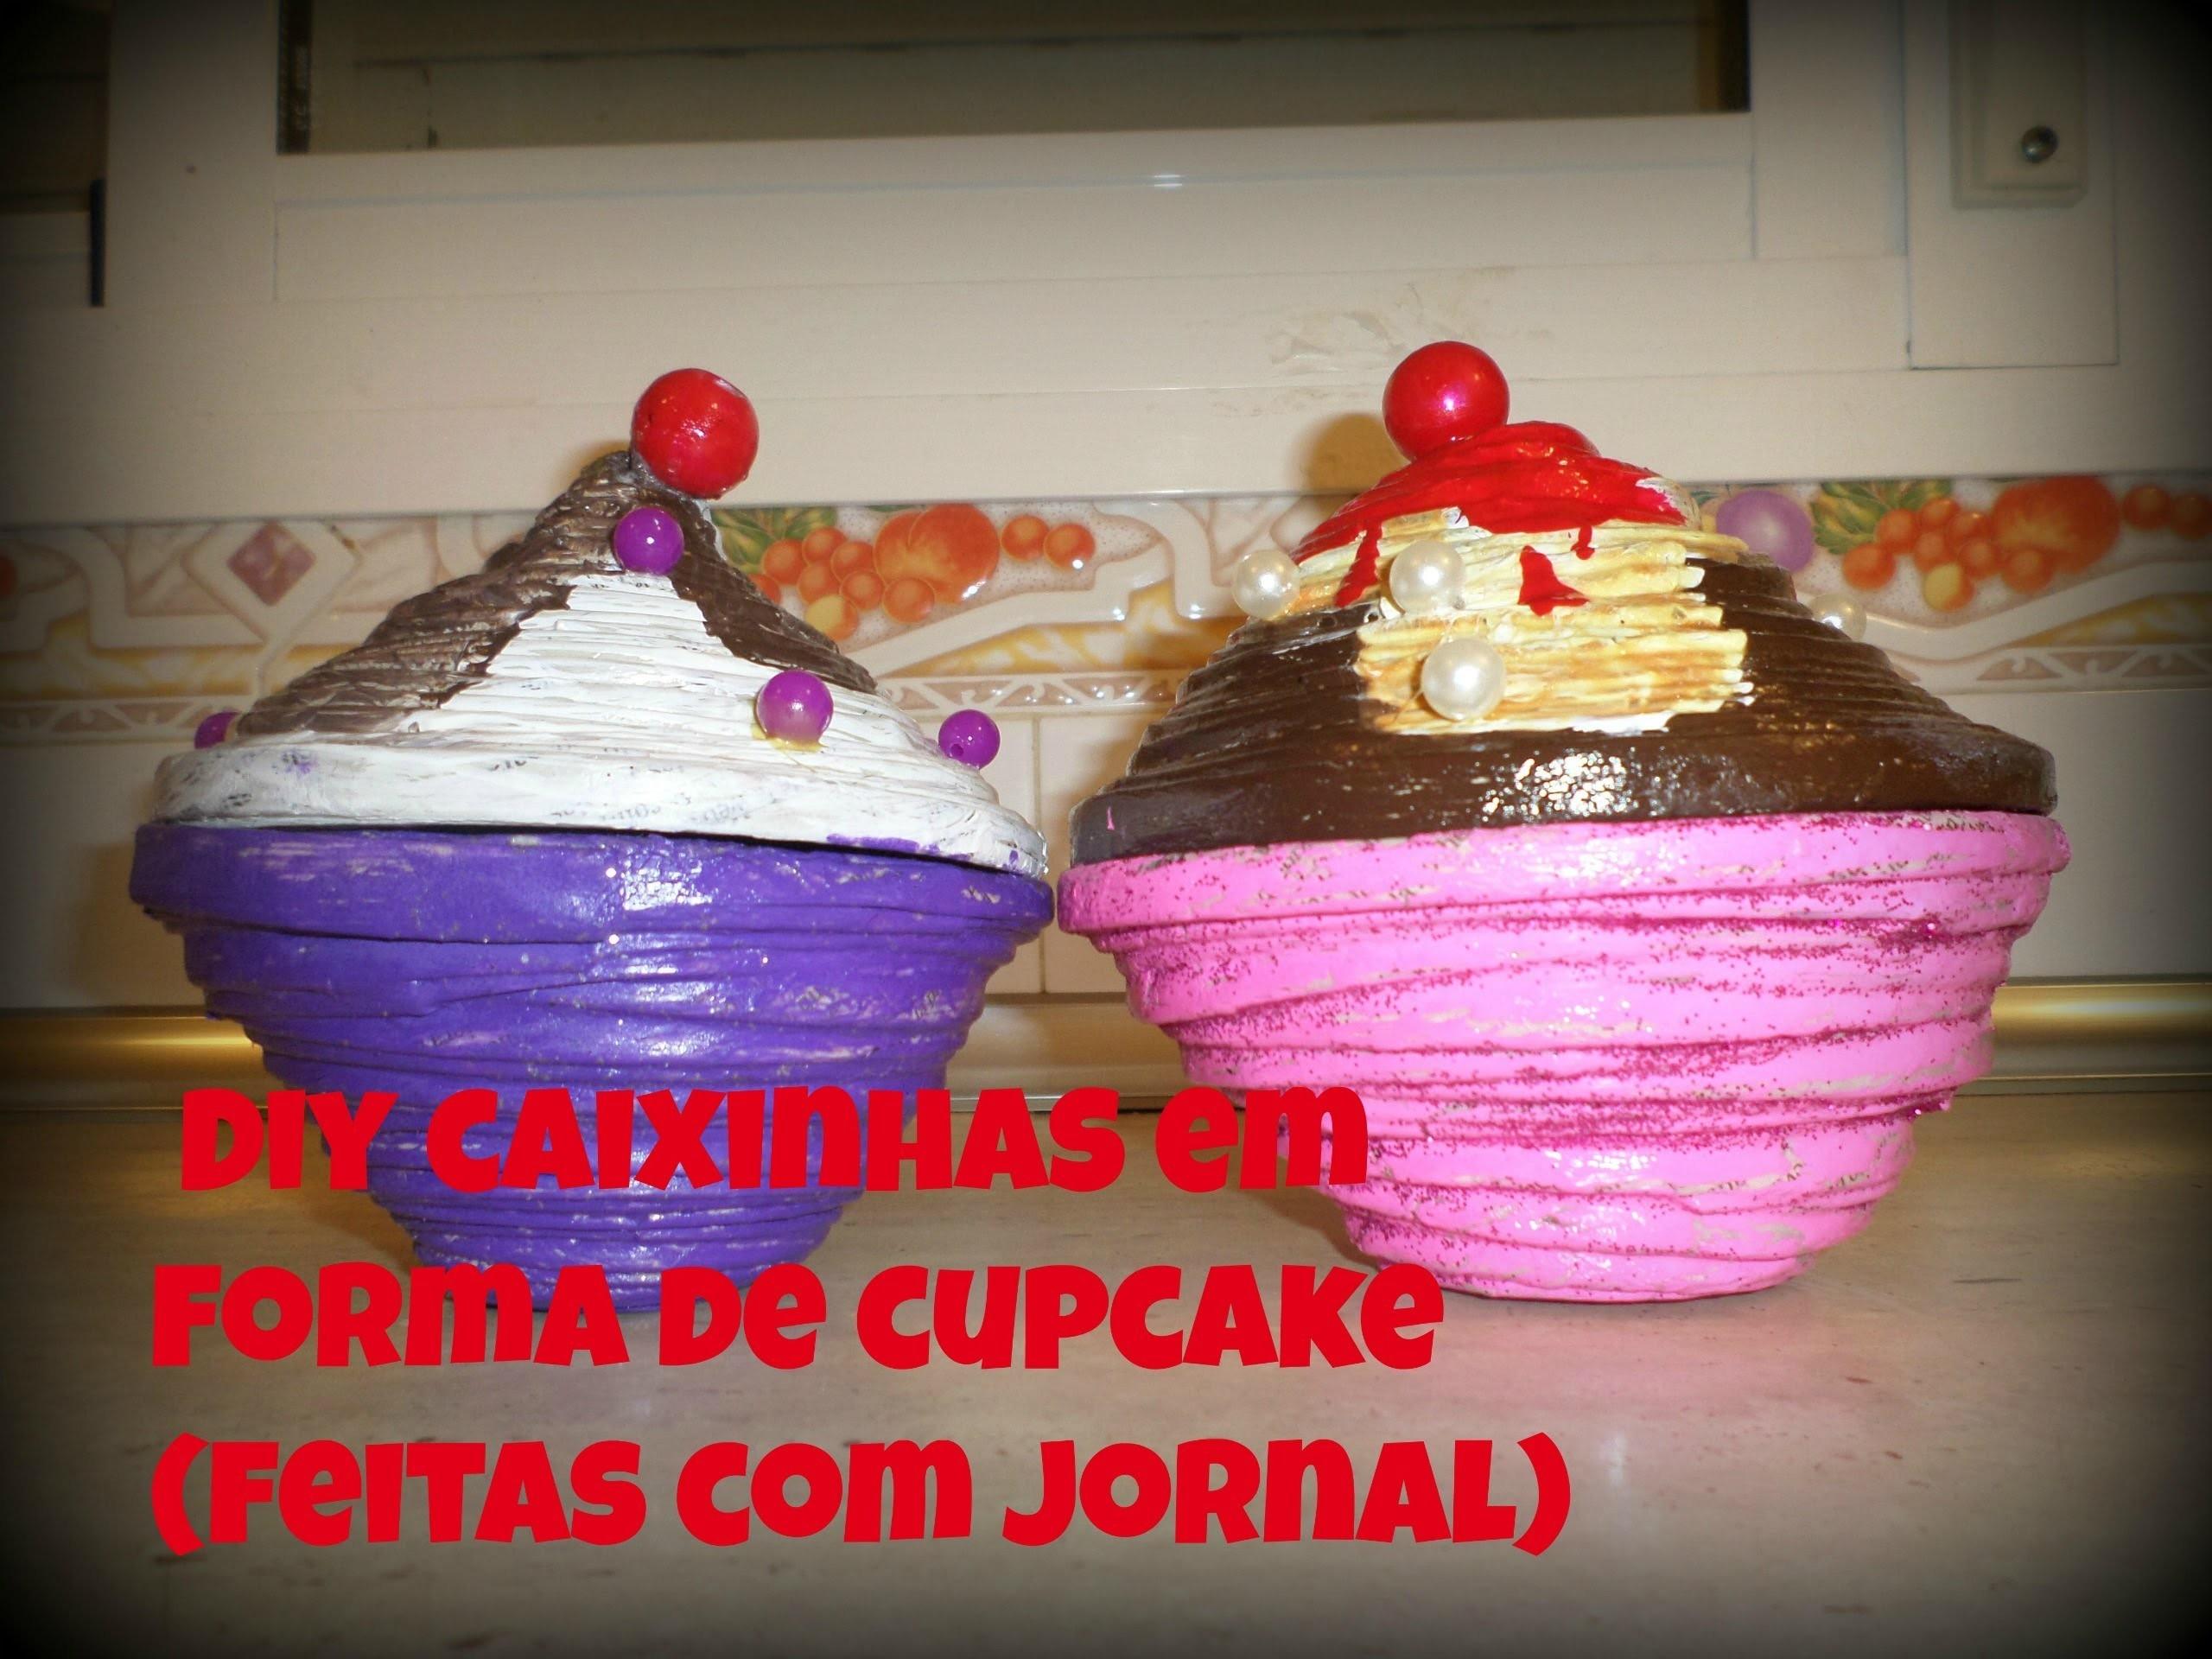 Diy caixinhas em forma de cupcake( feitas com jornal )